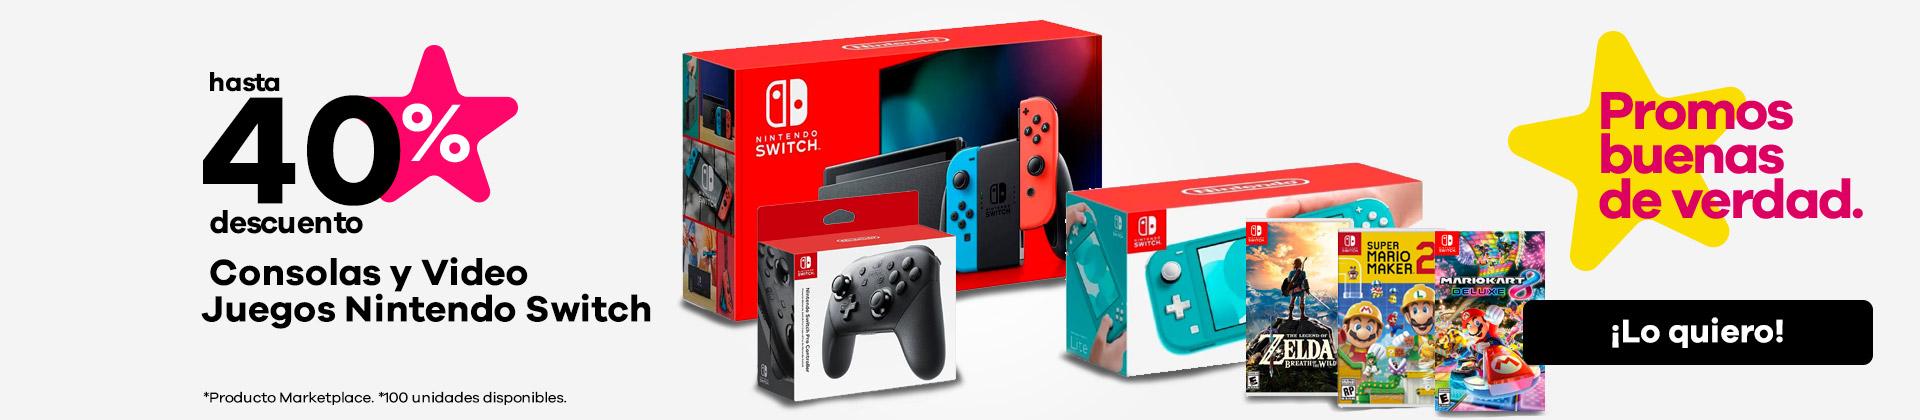 consola y video juegos nintendo switch